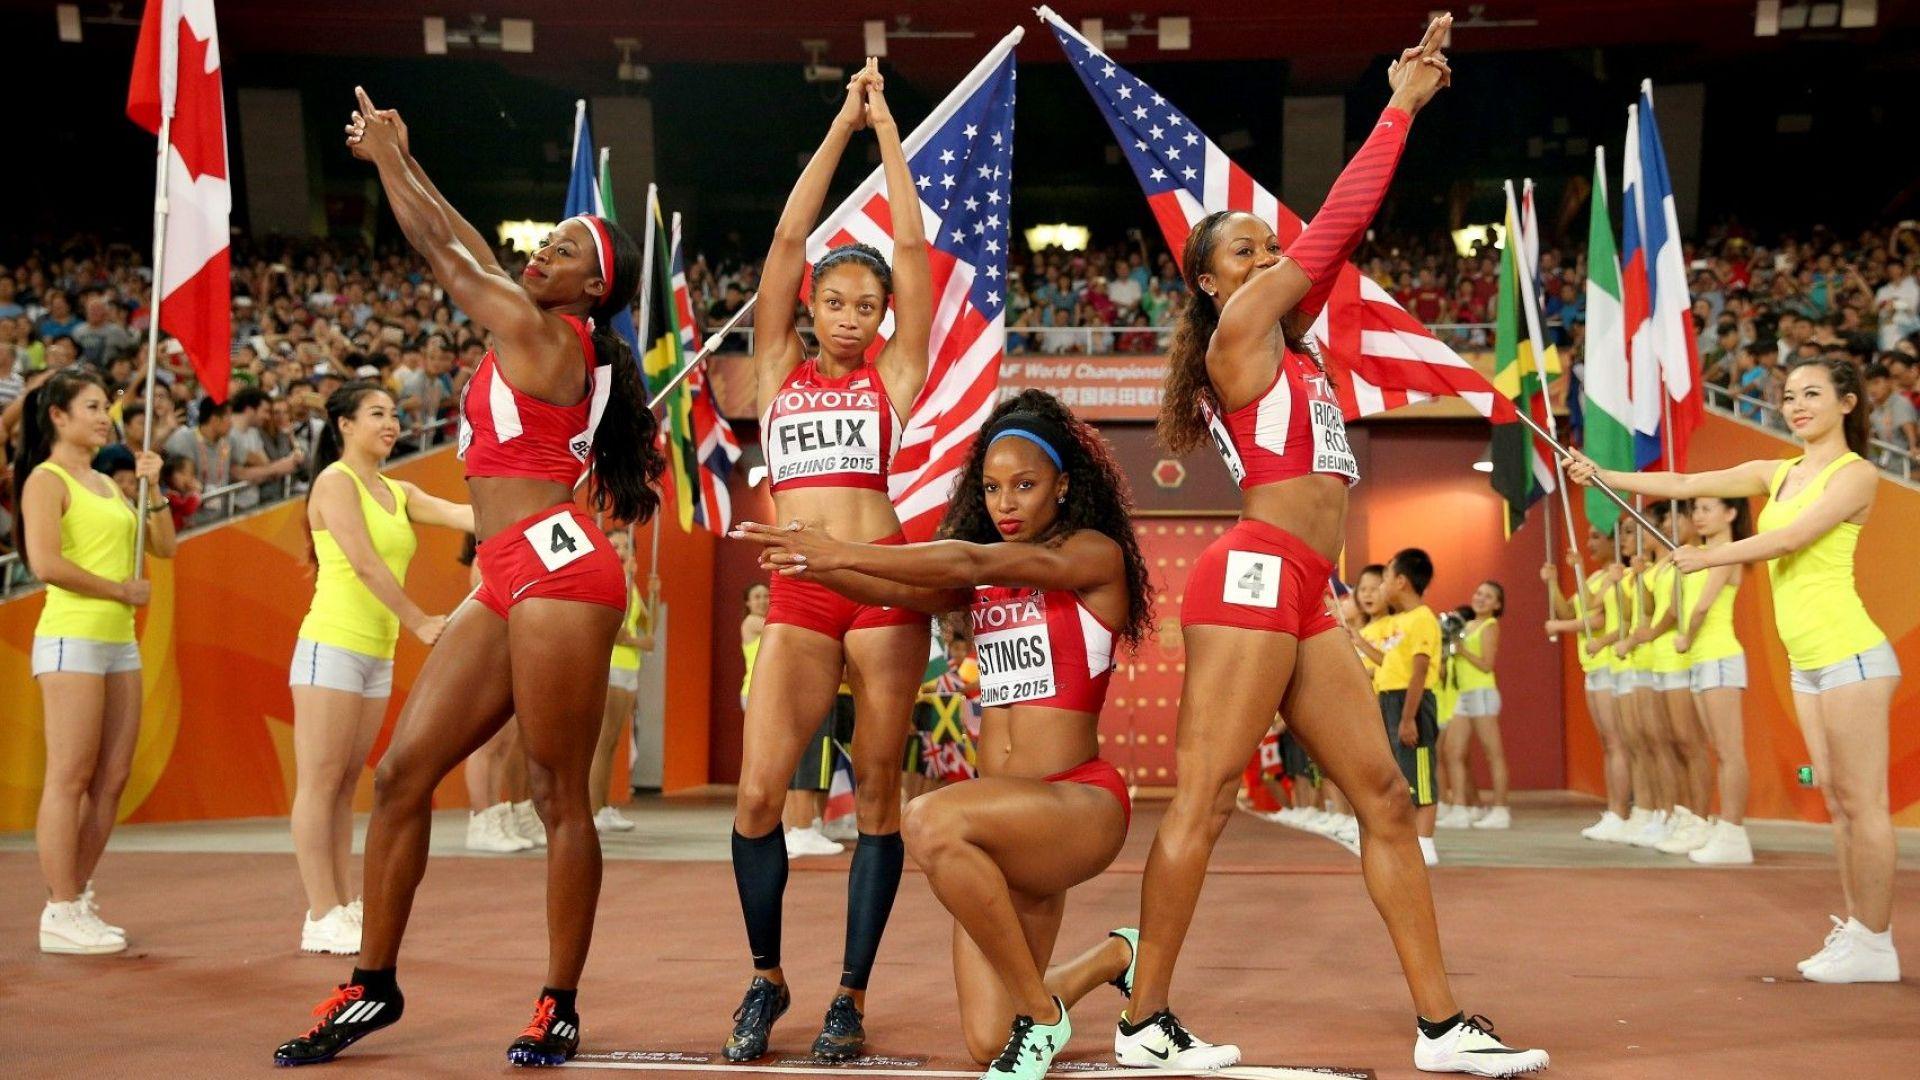 Шесткратна олимпийска шампионка отива на световно 10 месеца след преждевременно раждане